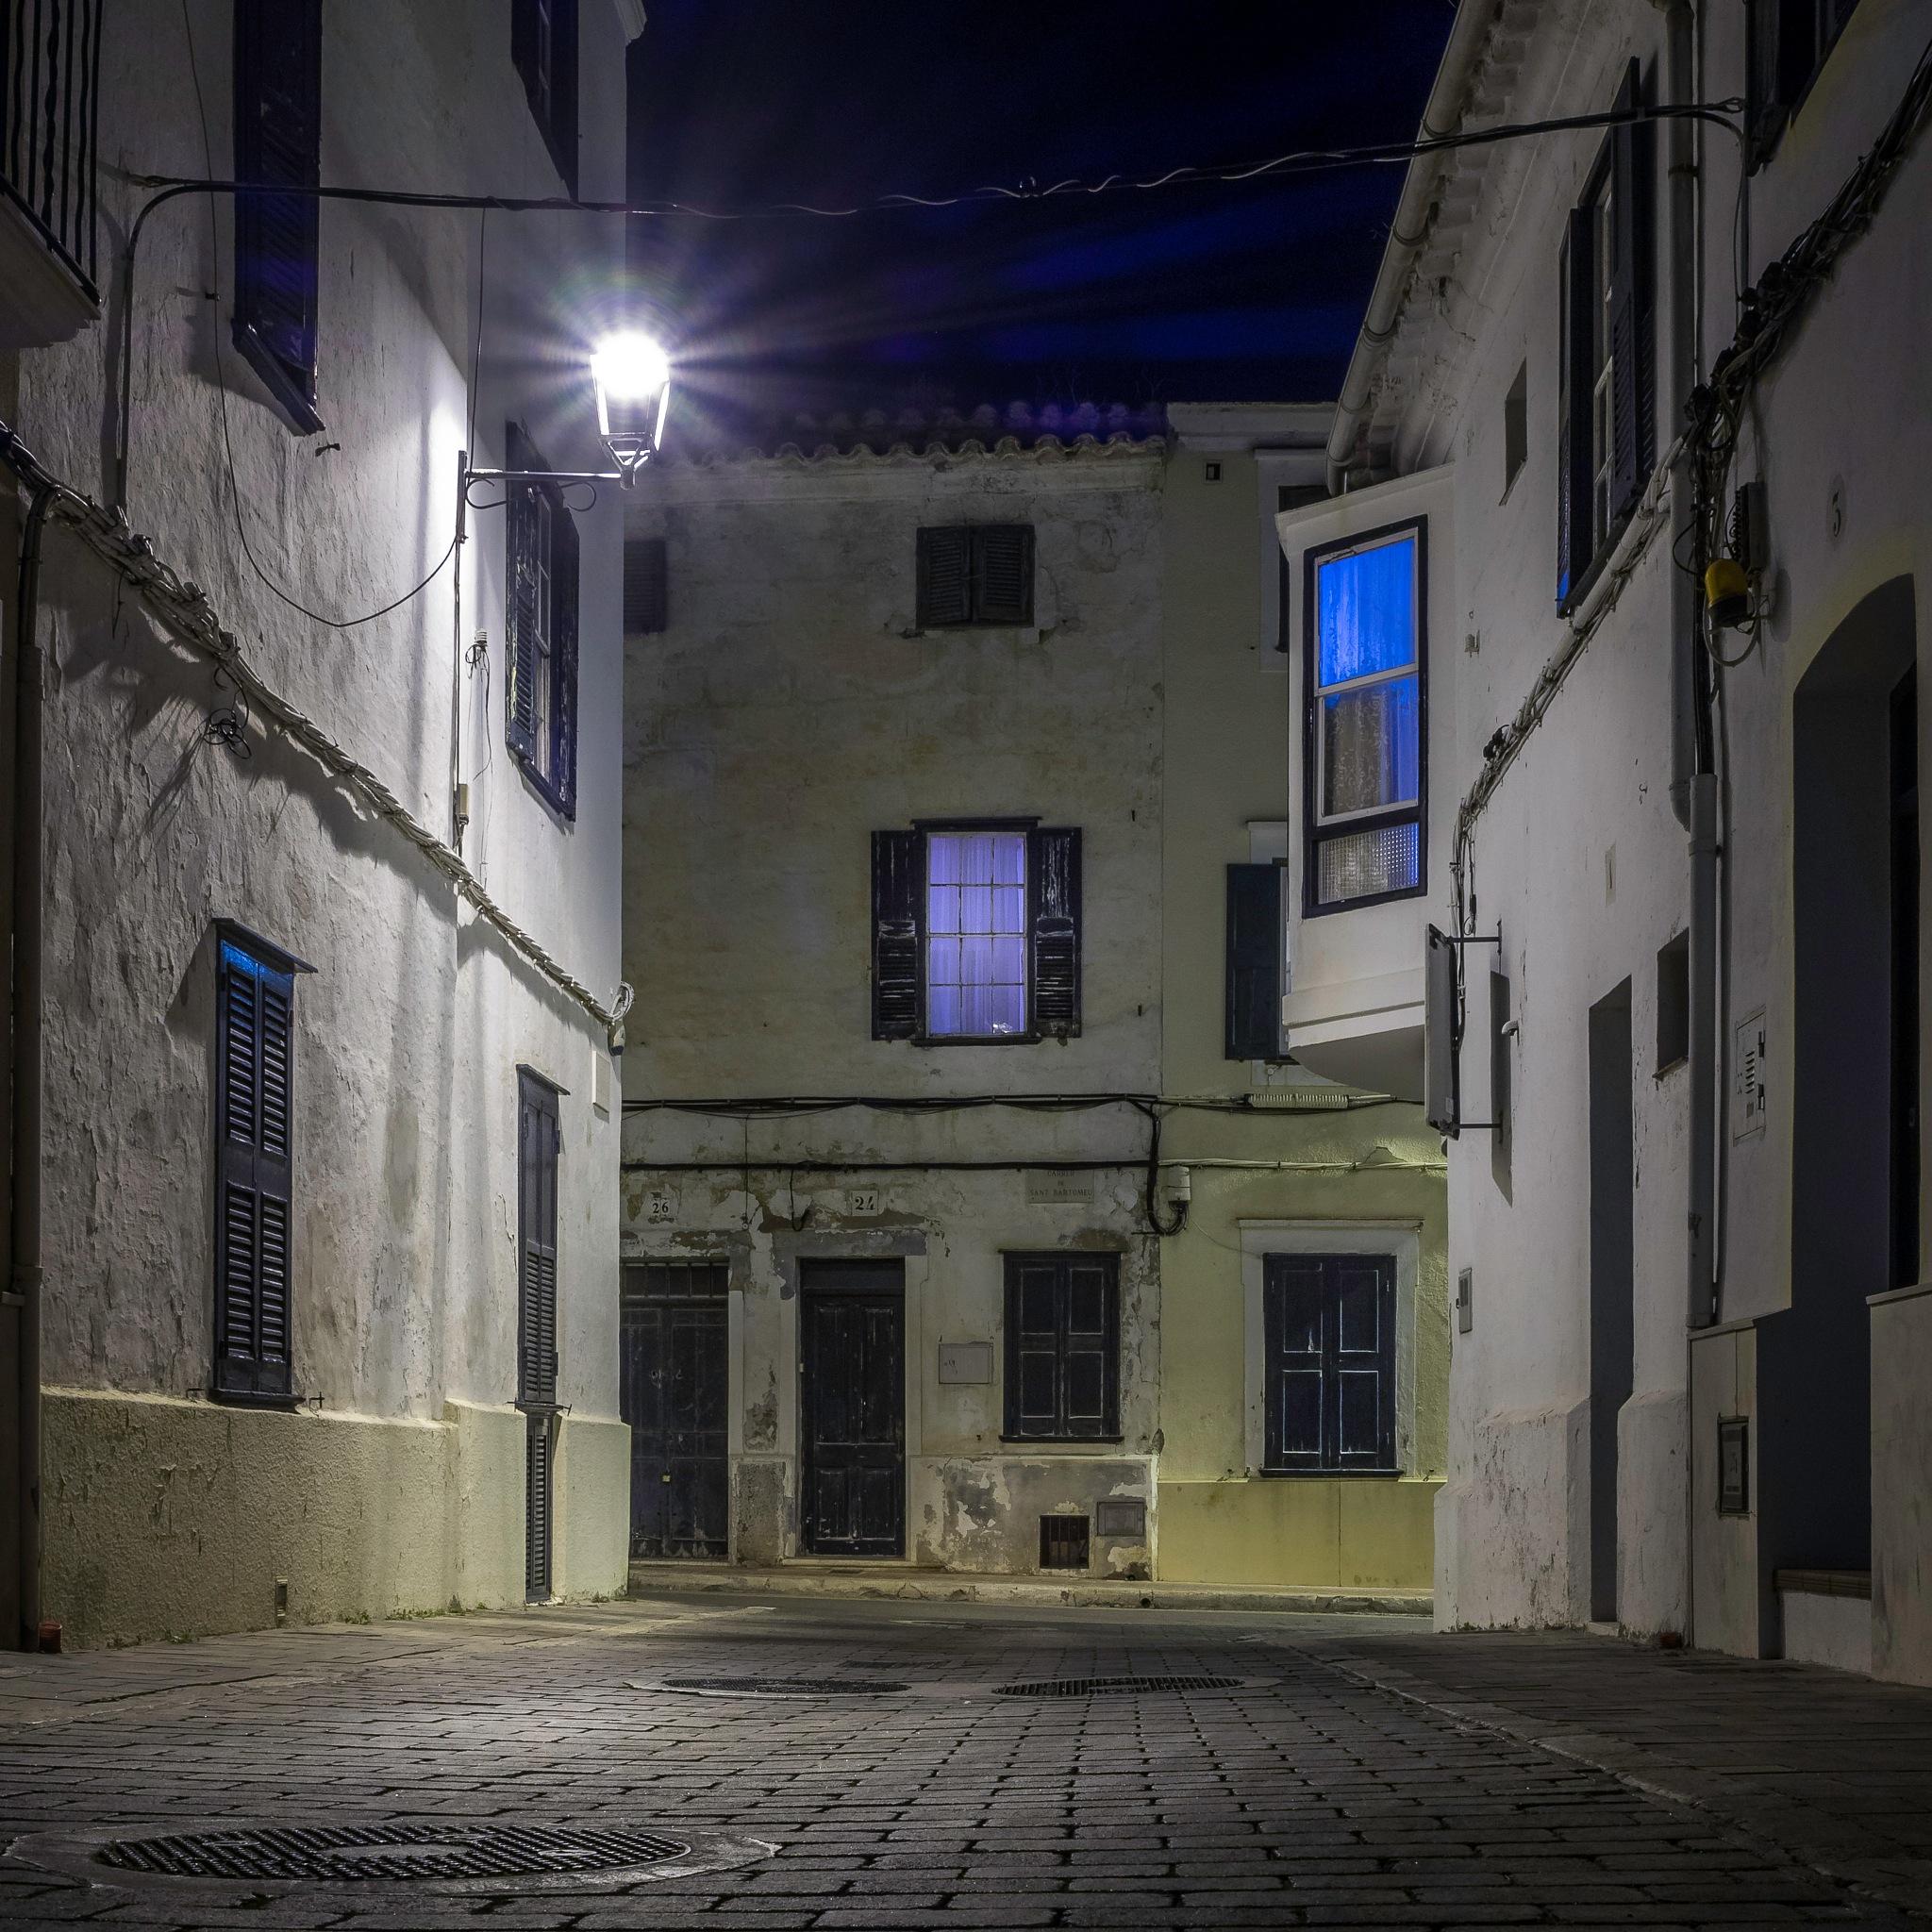 Street of Mahón by Juan Curbelo Ekstrand